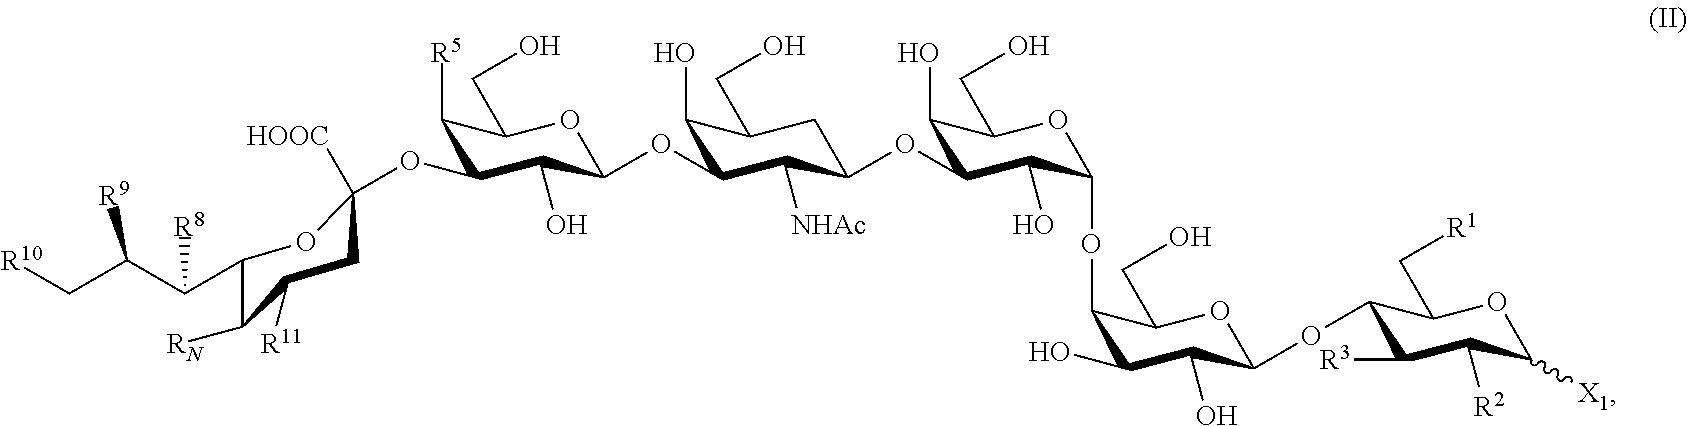 Figure US10342858-20190709-C00002